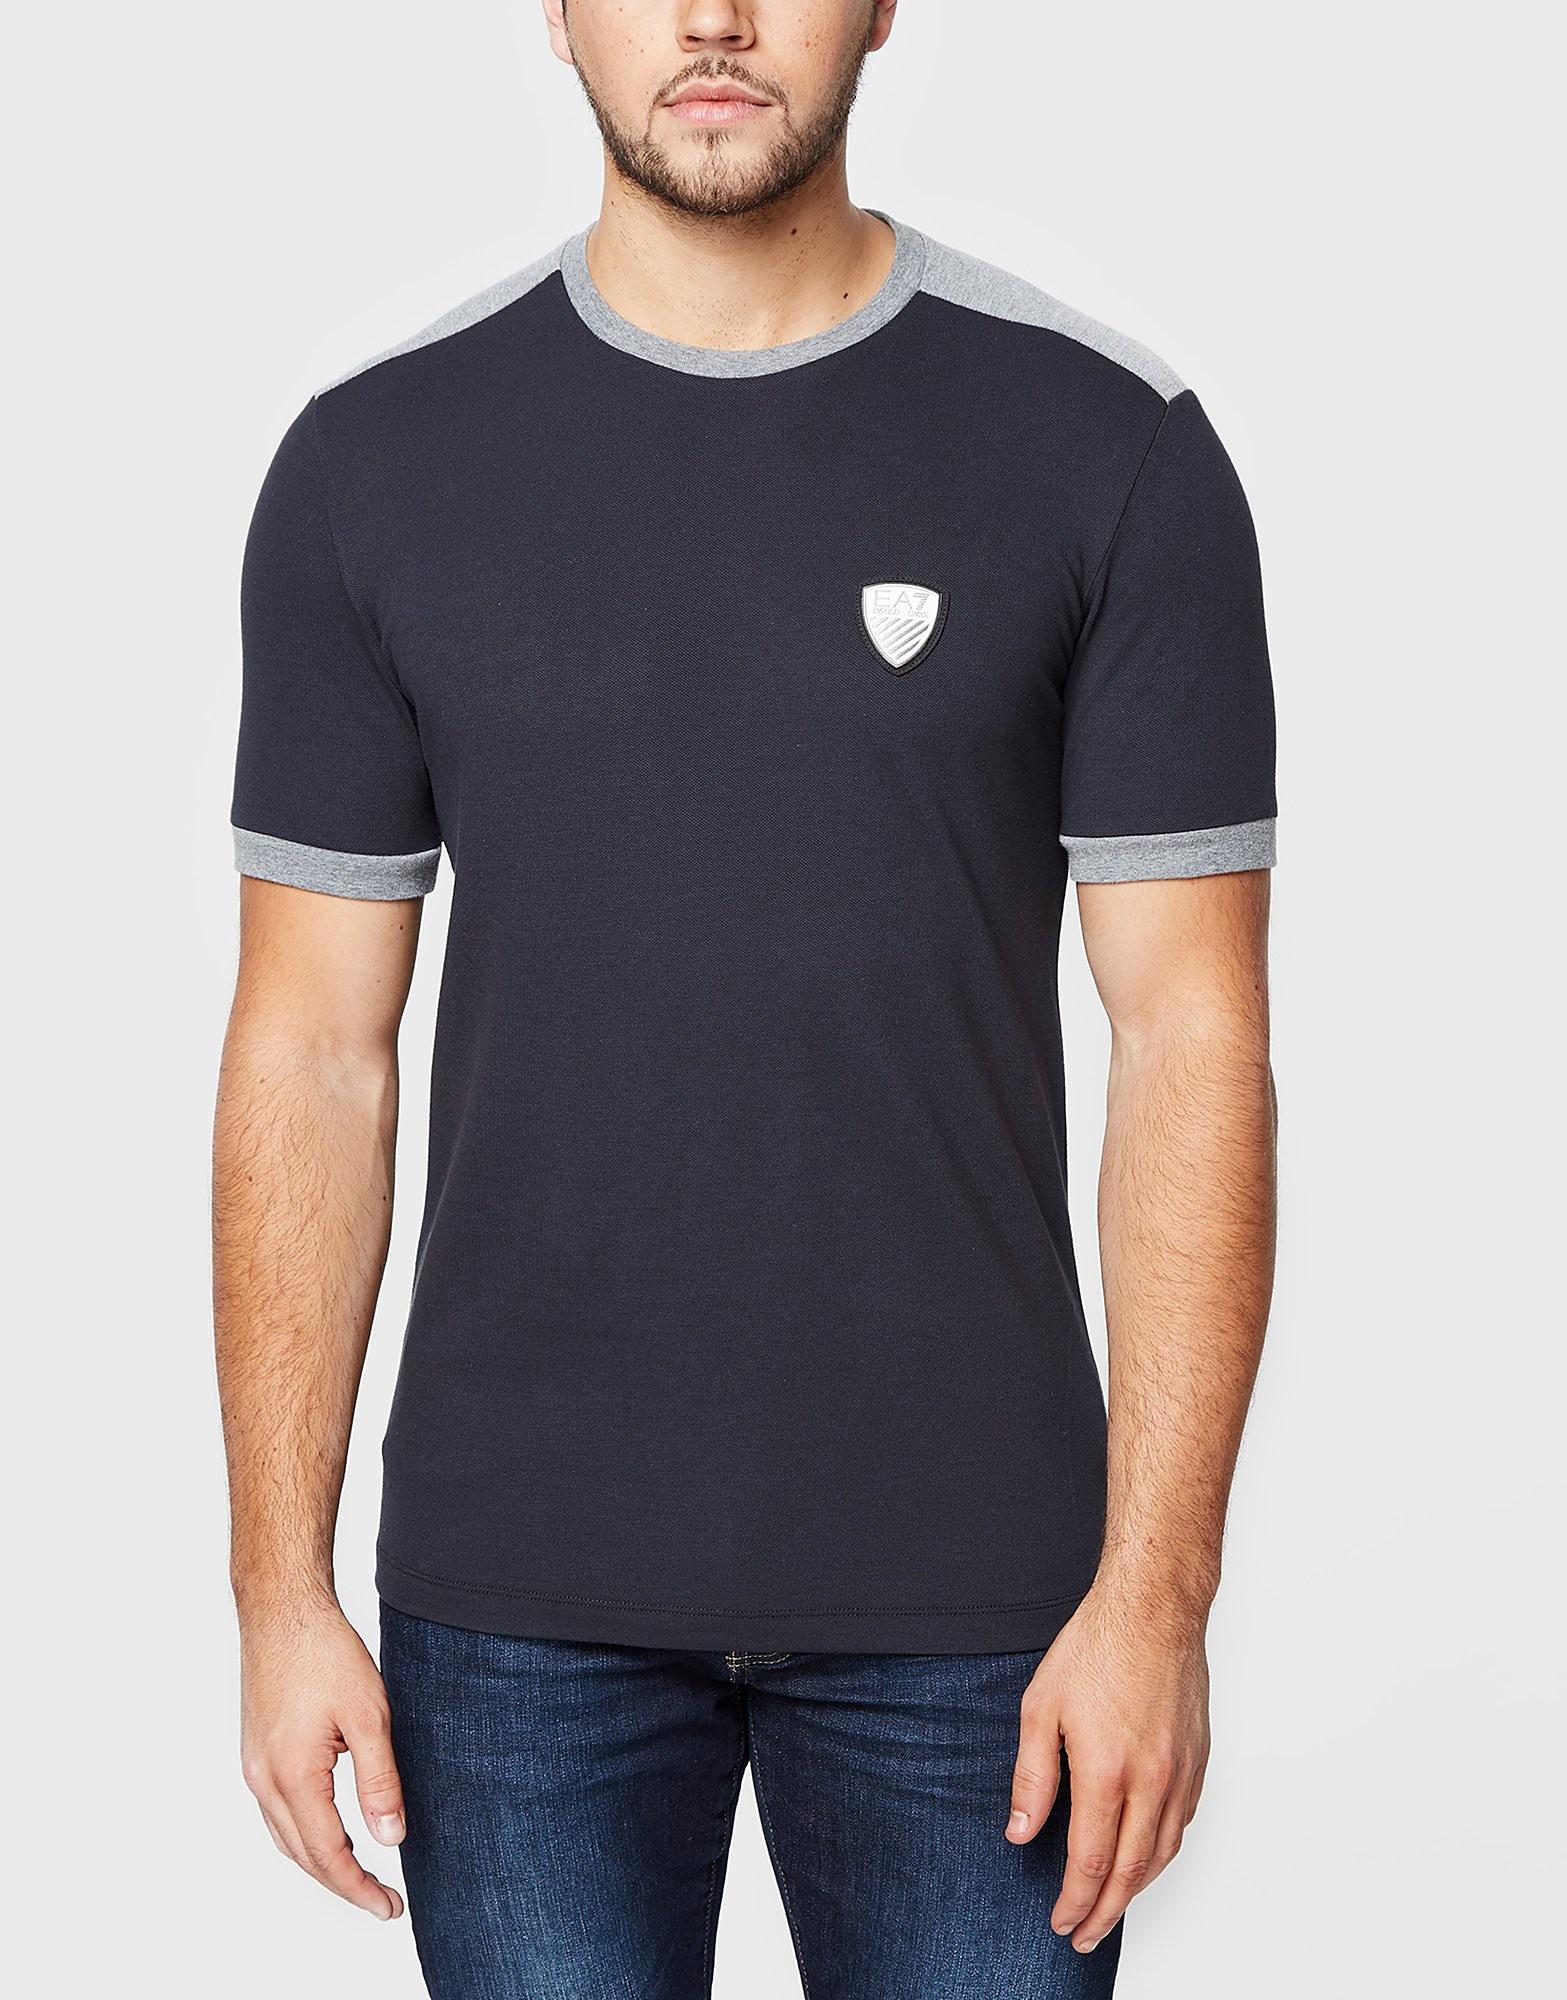 Emporio Armani EA7 Pique Ringer T-Shirt